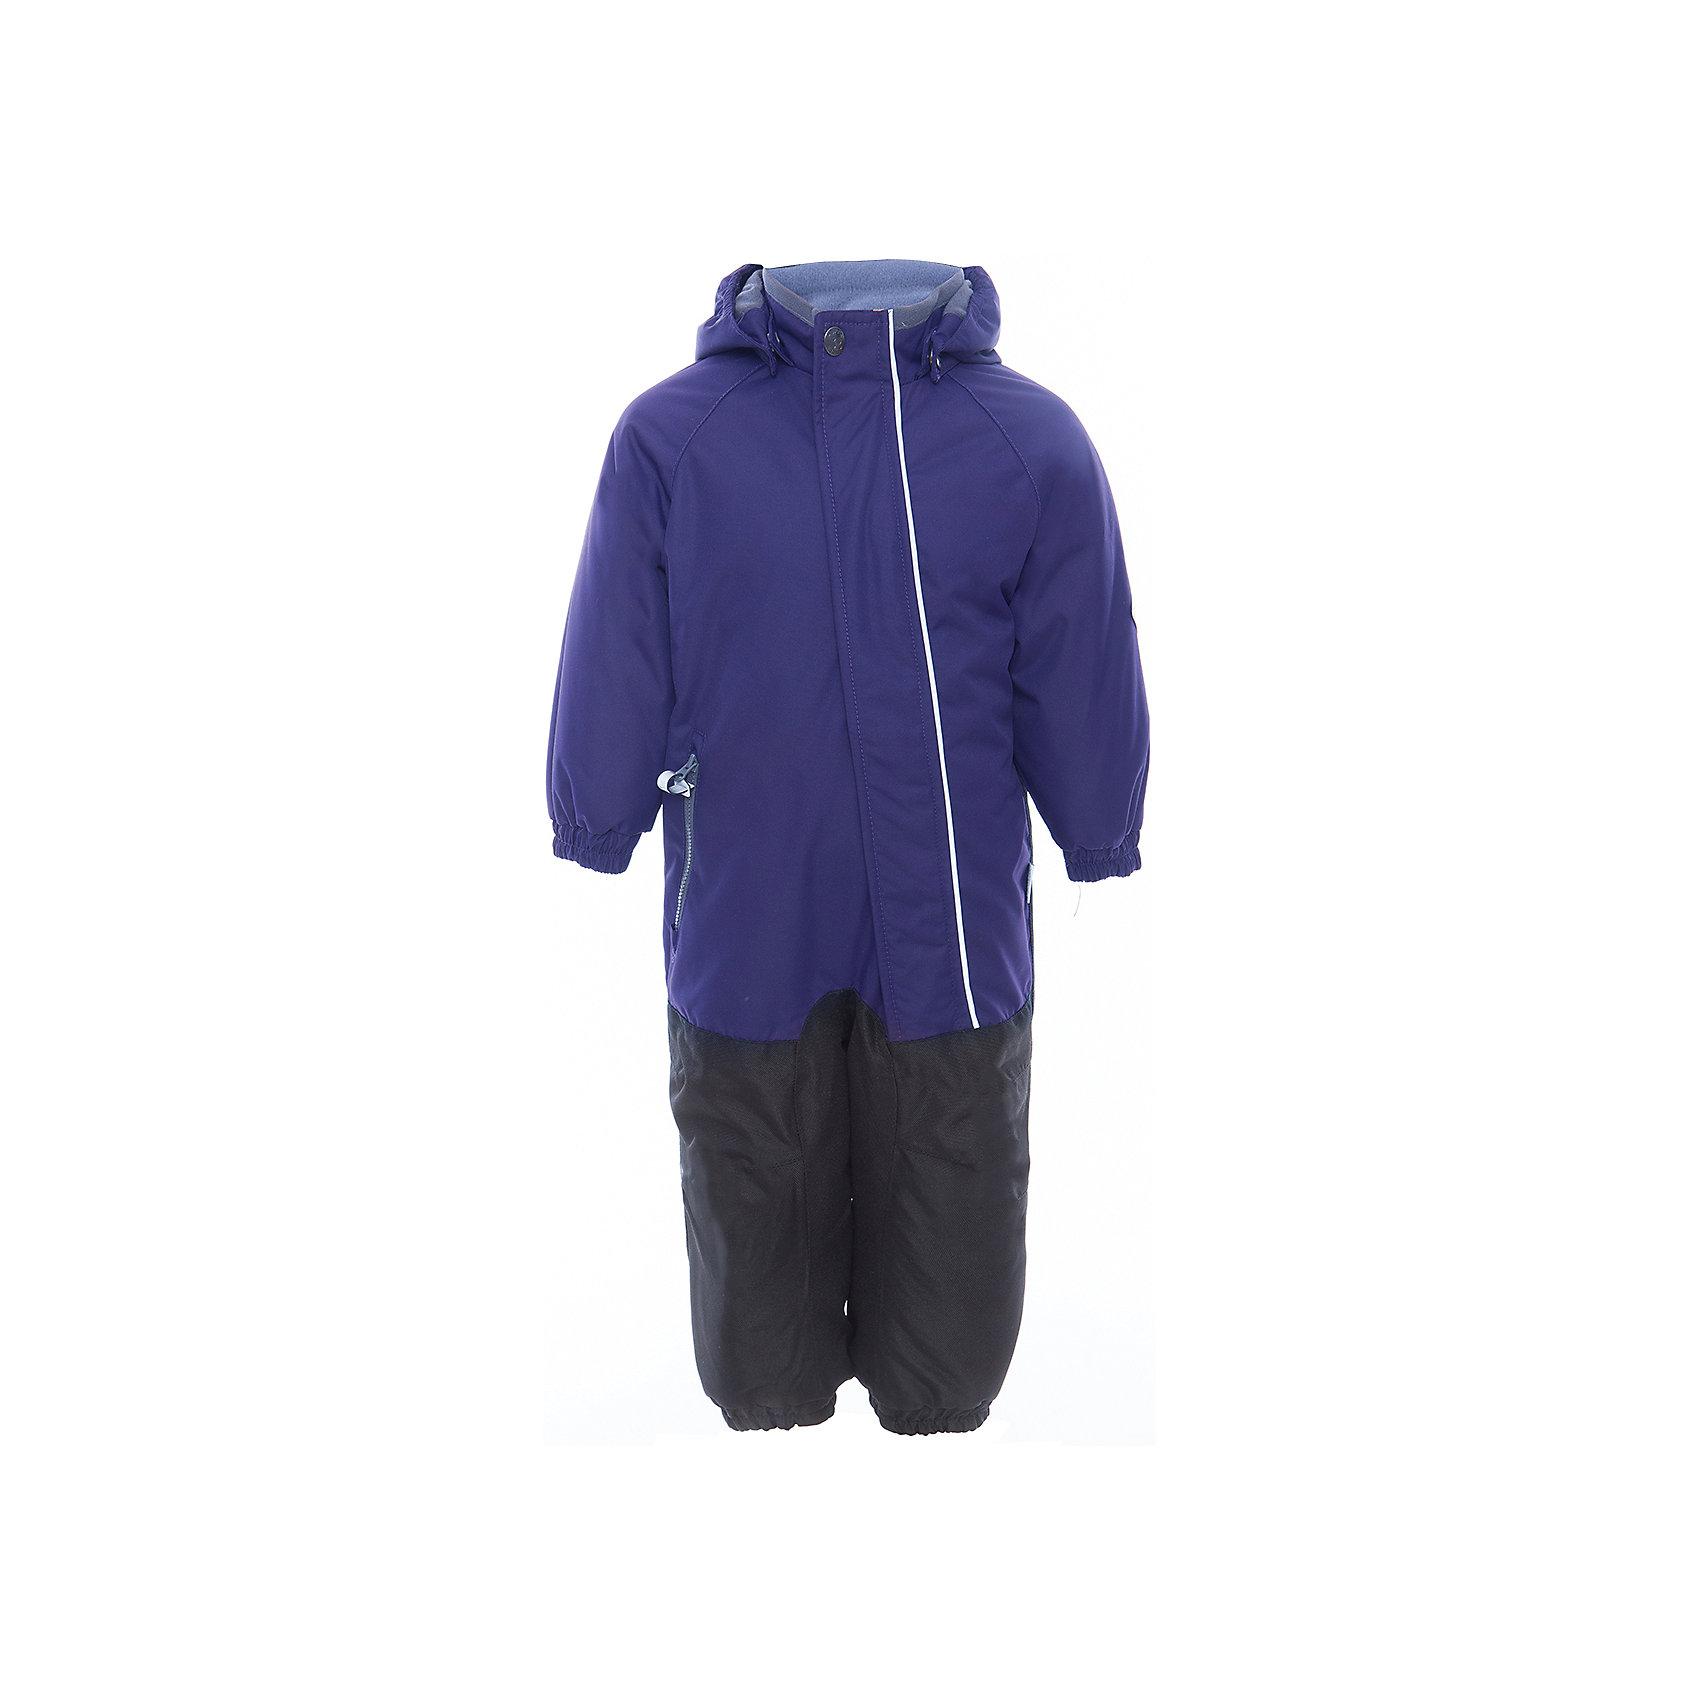 Комбинезон CHRIS для мальчика HuppaВерхняя одежда<br>Характеристики товара:<br><br>• цвет: тёмно-синий<br>• ткань: 100% полиэстер<br>• подкладка: тафта, pritex - 100% полиэстер<br>• утеплитель: 100% полиэстер 100 г<br>• температурный режим: от -5°С до +10°С<br>• водонепроницаемость: 10000 мм<br>• воздухопроницаемость: 10000 мм<br>• светоотражающие детали<br>• средний задний шов, боковые и внутренние швы проклеены<br>• съёмный капюшон с резинкой<br>• защита подбородка<br>• эластичные манжеты<br>• манжеты брюк с резинкой<br>• съёмные эластичные штрипки<br>• без внутренних швов<br>• коллекция: весна-лето 2017<br>• страна бренда: Эстония<br><br>Этот удобный комбинезон обеспечит детям тепло и комфорт. Он сделан из материала, отталкивающего воду, и дополнен подкладкой с утеплителем, поэтому изделие идеально подходит для межсезонья. Материал изделия - с мембранной технологией: защищая от влаги и ветра, он легко выводит лишнюю влагу наружу. Комбинезон очень симпатично смотрится. <br><br>Одежда и обувь от популярного эстонского бренда Huppa - отличный вариант одеть ребенка можно и комфортно. Вещи, выпускаемые компанией, качественные, продуманные и очень удобные. Для производства изделий используются только безопасные для детей материалы. Продукция от Huppa порадует и детей, и их родителей!<br><br>Комбинезон GOLDEN от бренда Huppa (Хуппа) можно купить в нашем интернет-магазине.<br><br>Ширина мм: 356<br>Глубина мм: 10<br>Высота мм: 245<br>Вес г: 519<br>Цвет: синий<br>Возраст от месяцев: 72<br>Возраст до месяцев: 84<br>Пол: Мужской<br>Возраст: Детский<br>Размер: 122,110,116<br>SKU: 5346548